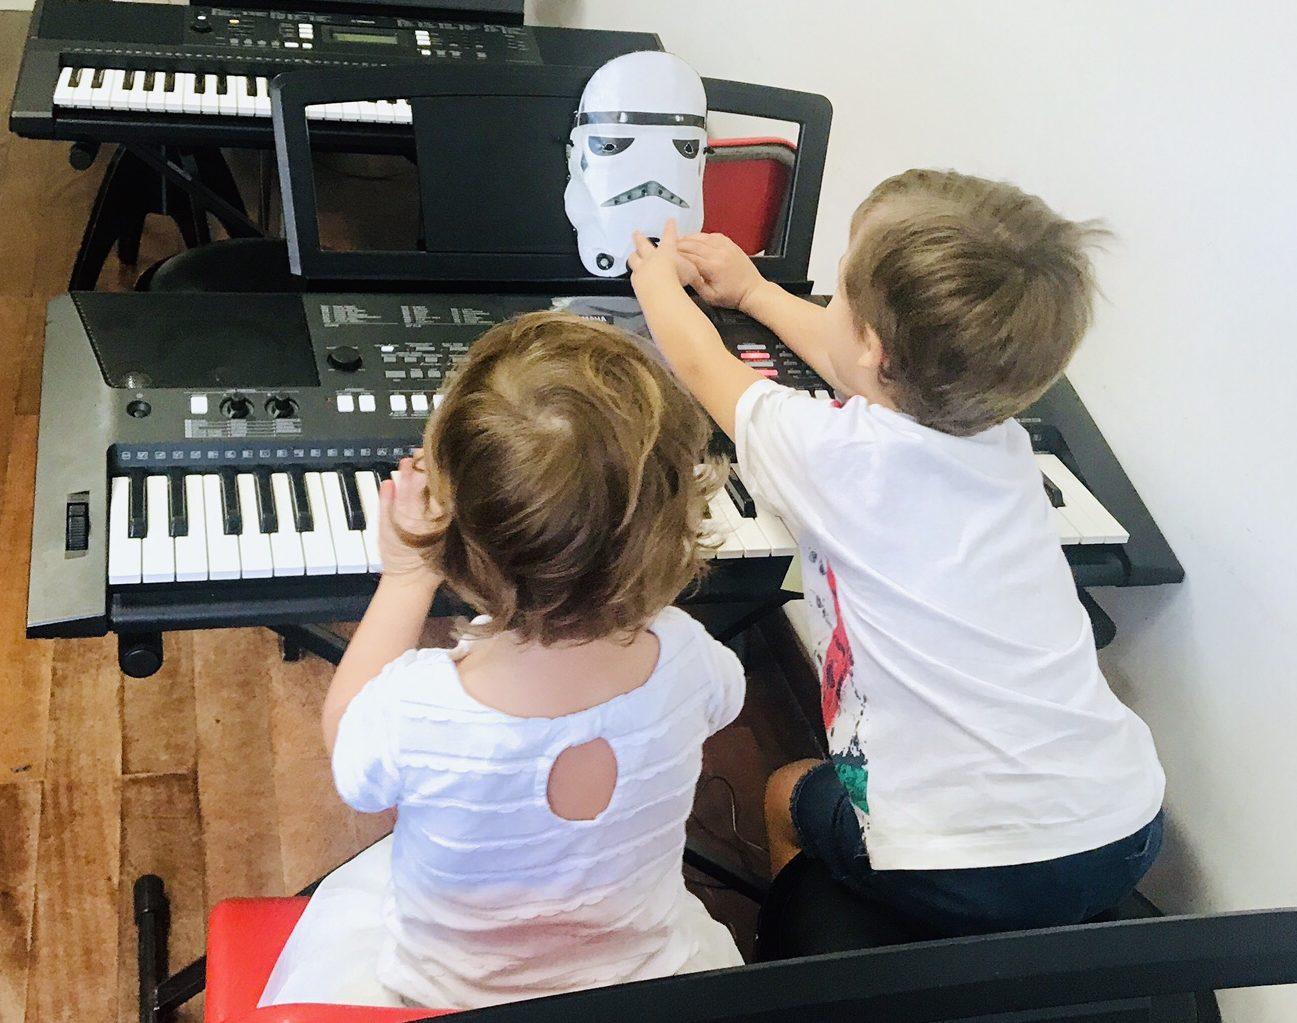 Corso Yamaha di musica per bambini: noi lo abbiamo provato e lo promuoviamo a pieni voti